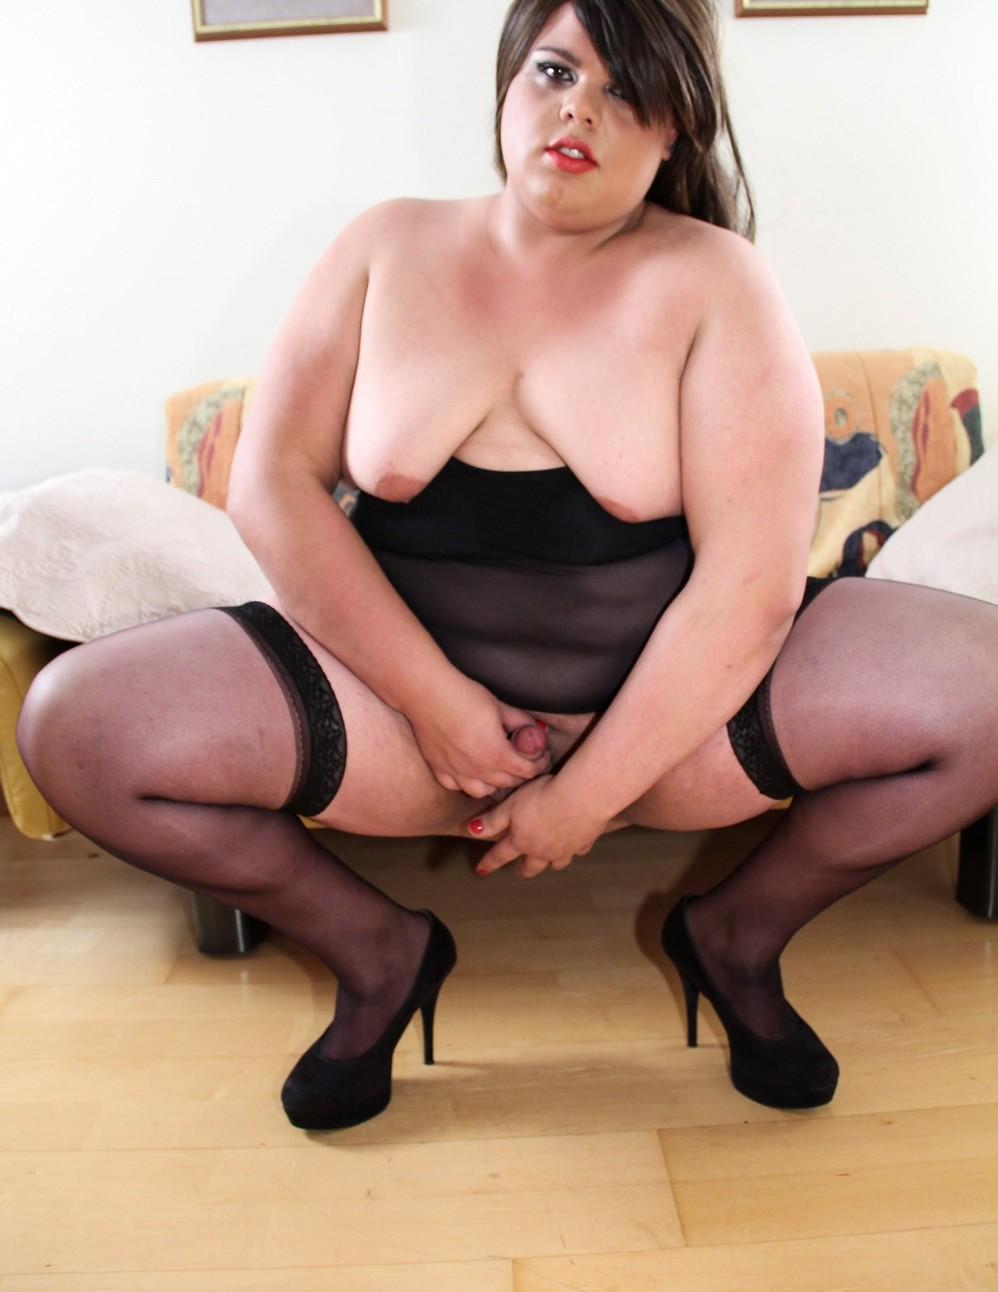 толстые и жирные транссексуалки фото